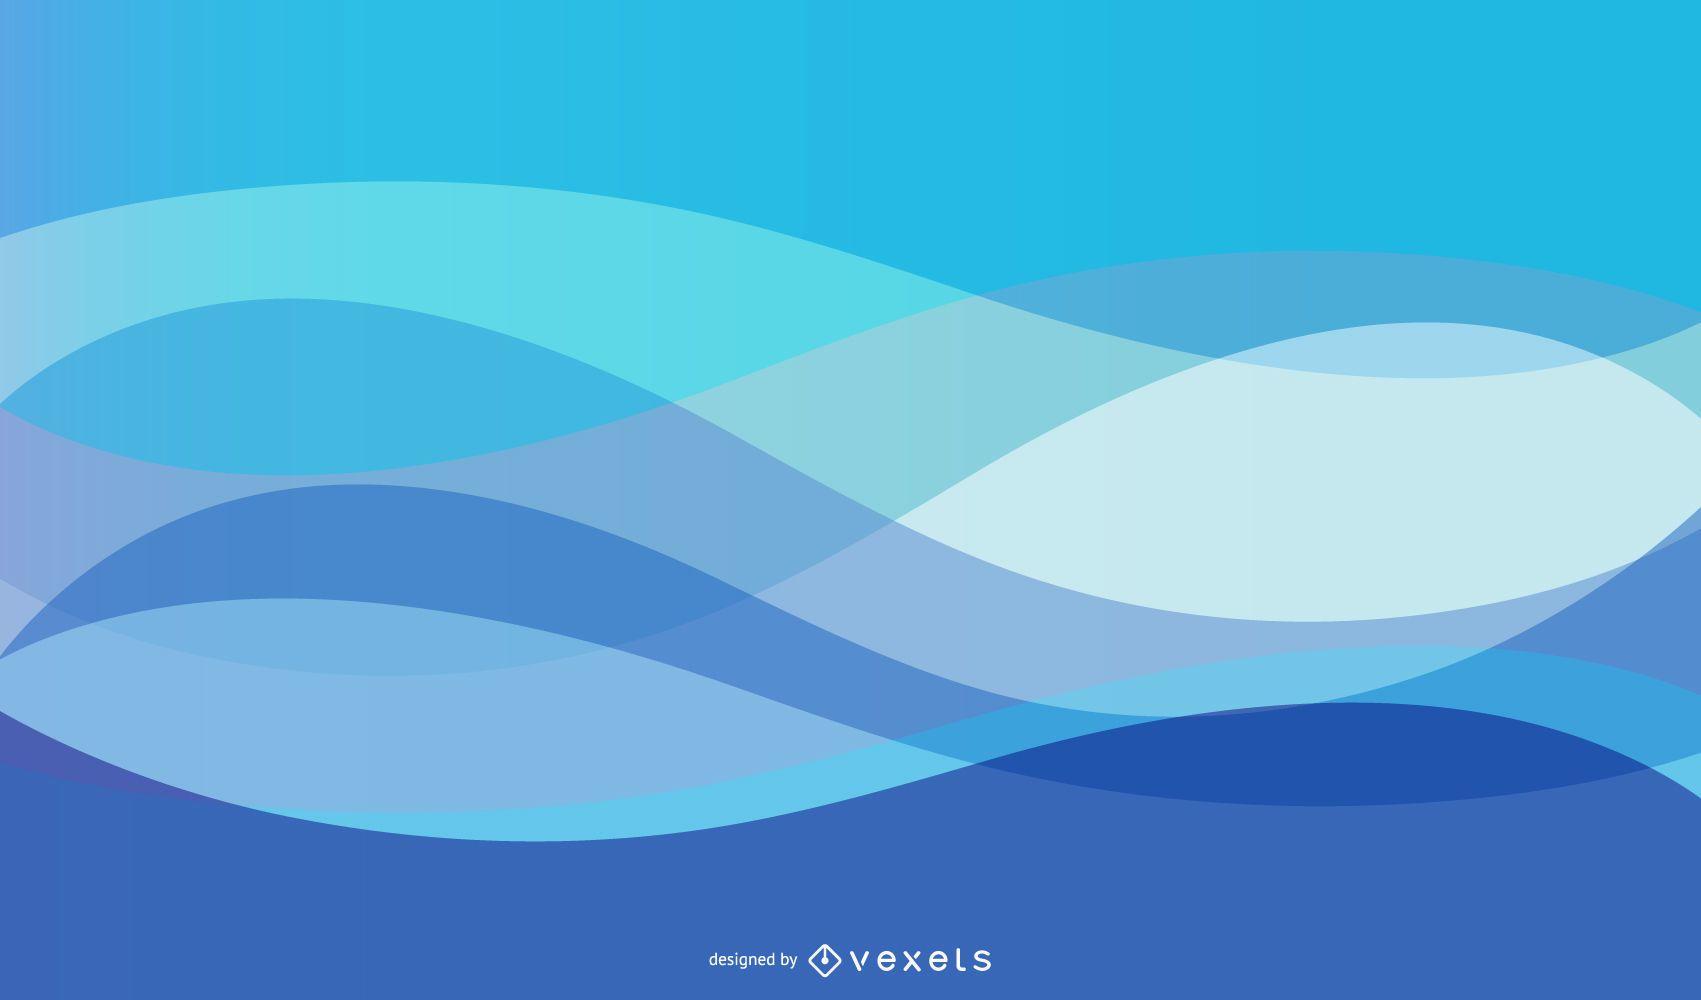 Fondo de curvas azules abstractas fluorescentes